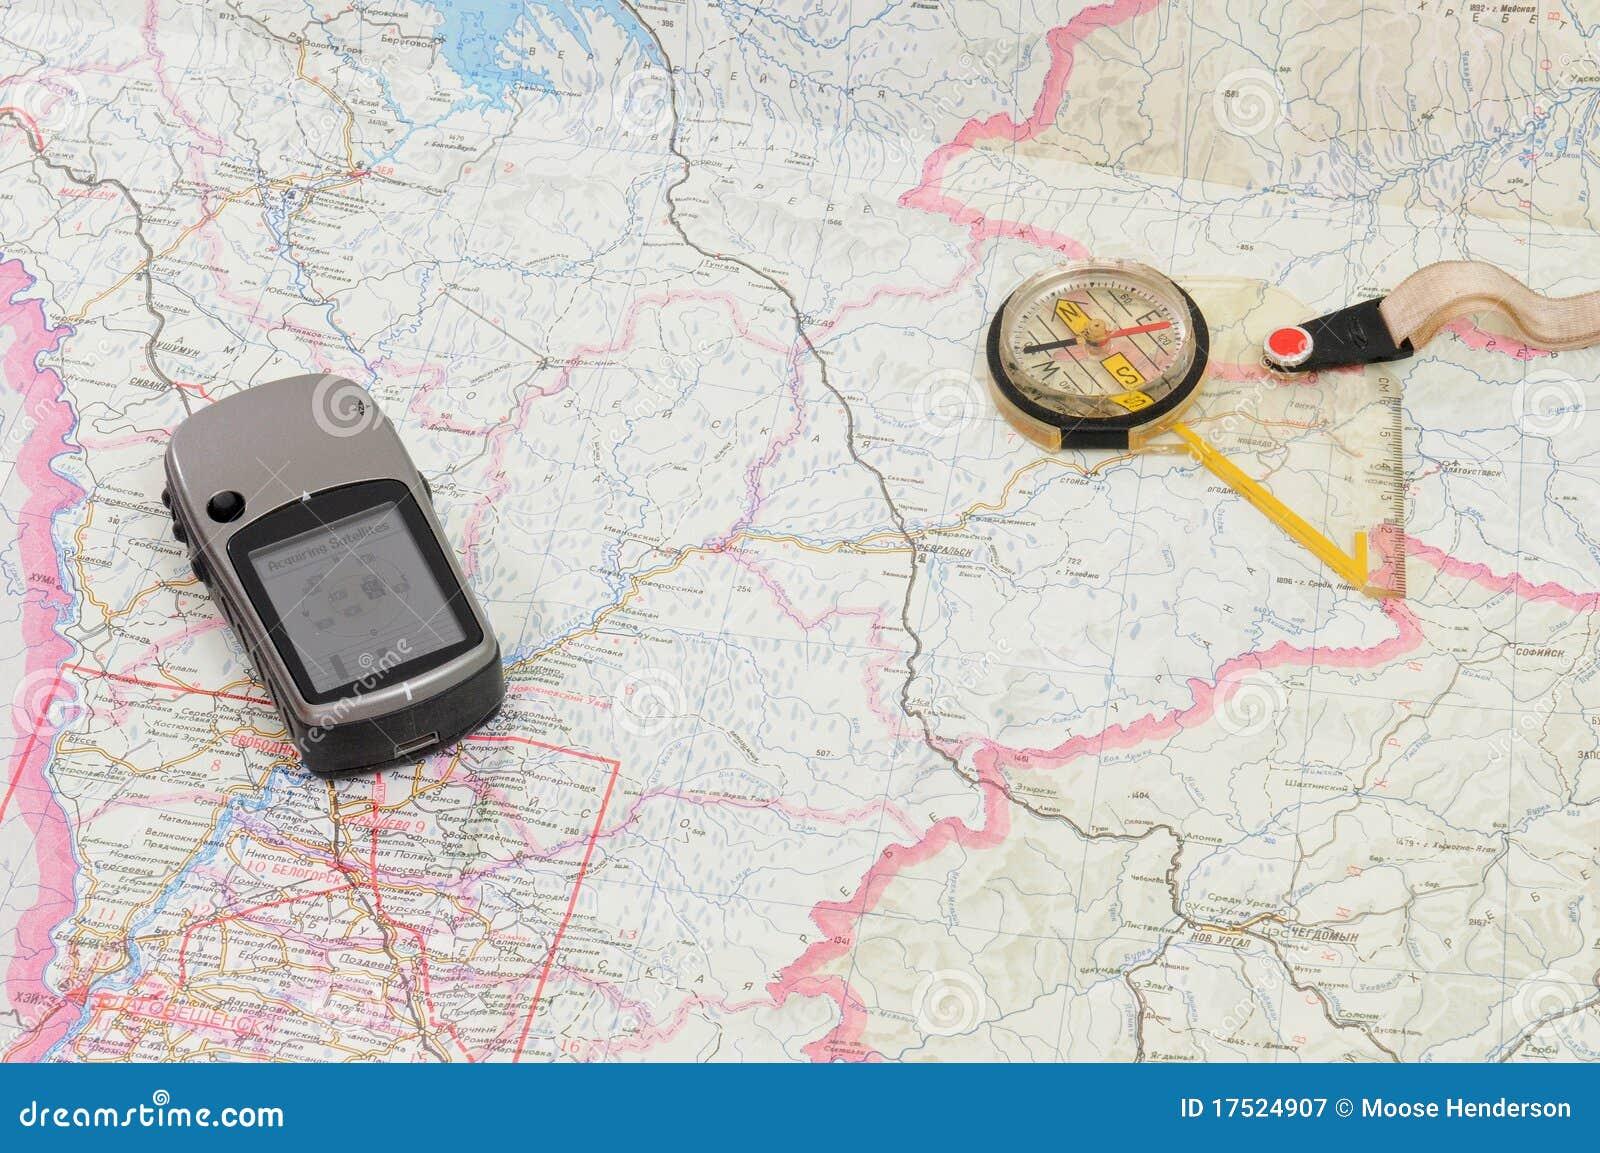 Gps Und Kompass Auf Karte Stockbild Bild Von Diagramm 17524907